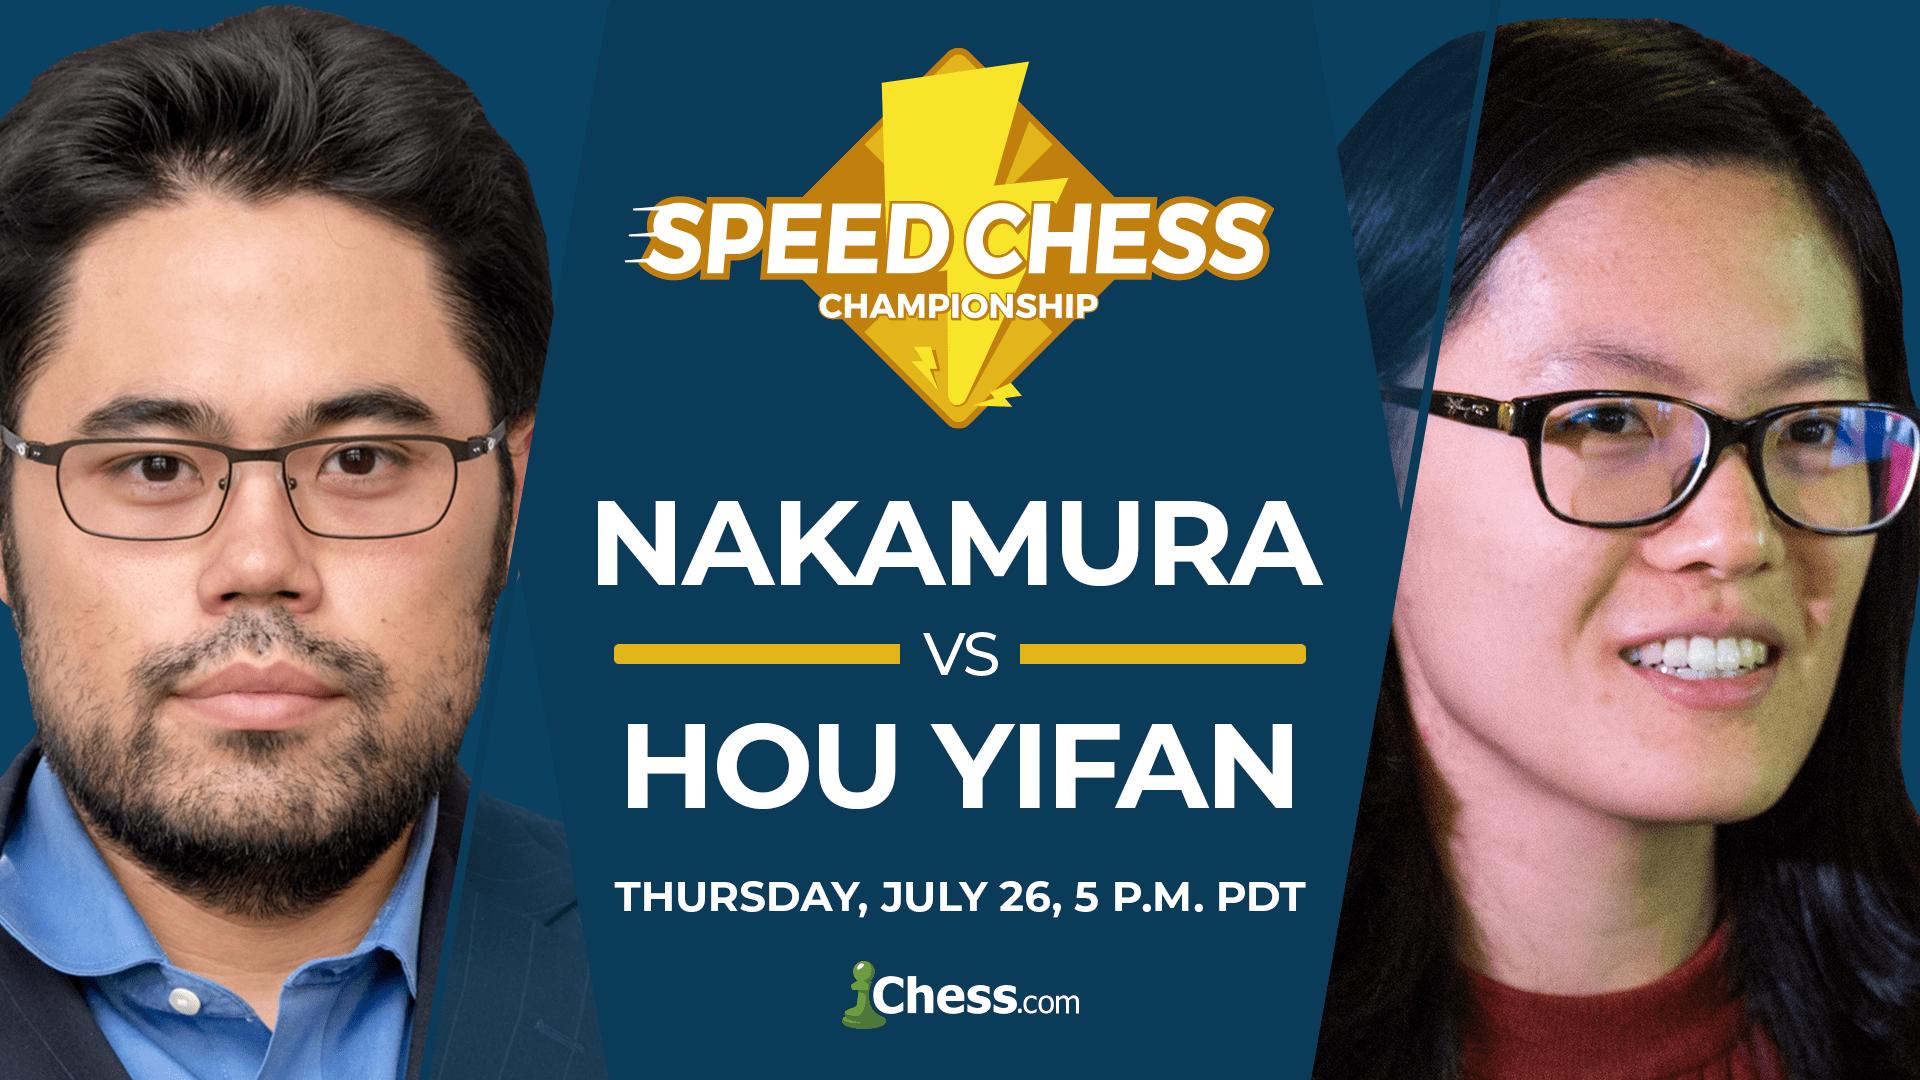 Nakamura vs Hou Yifan: Thursday, July 26, 5 p.m. PDT